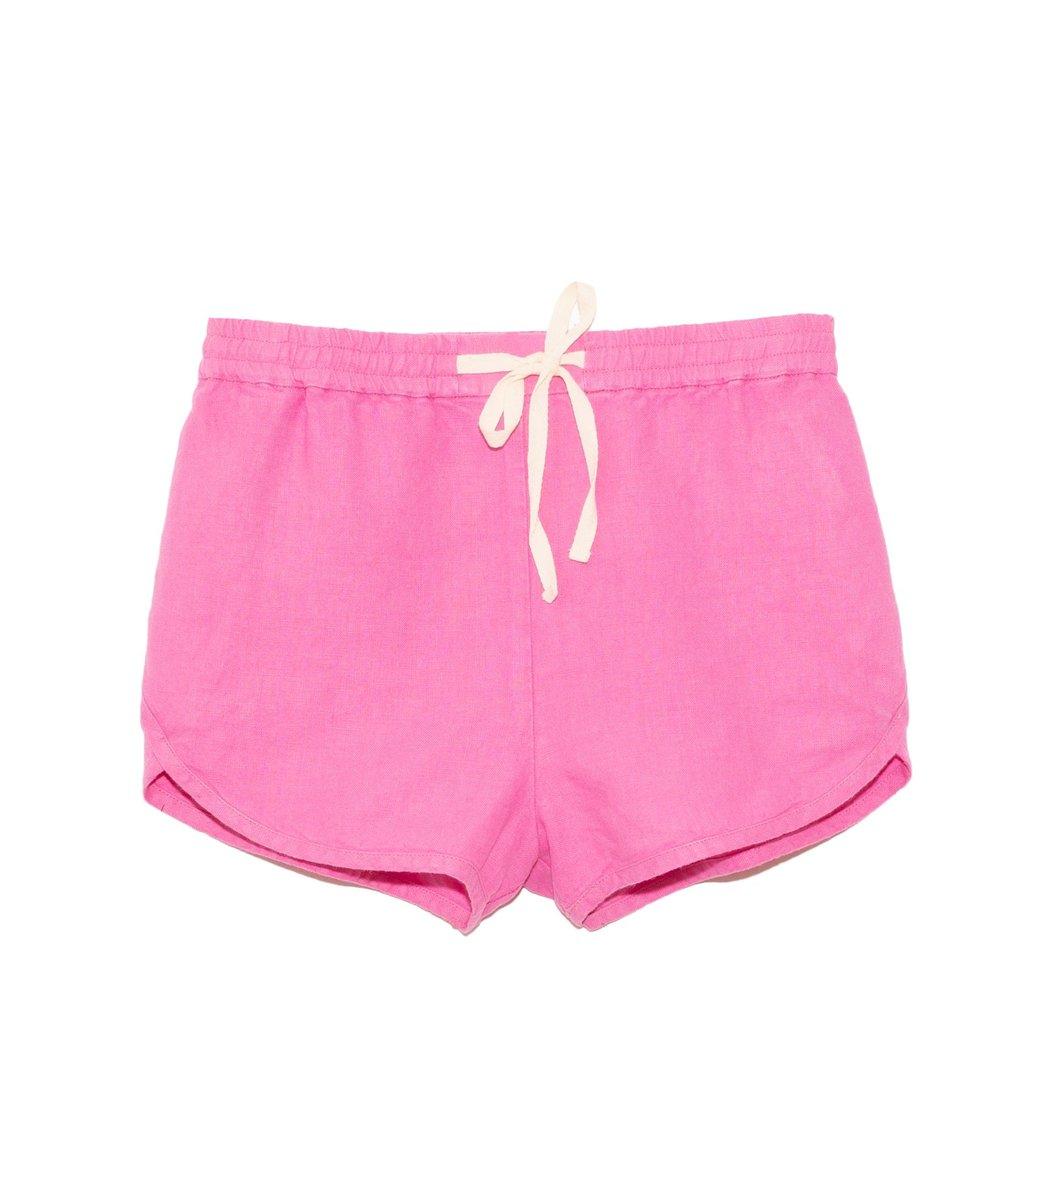 Rachel Comey Practico Shorts in Pink